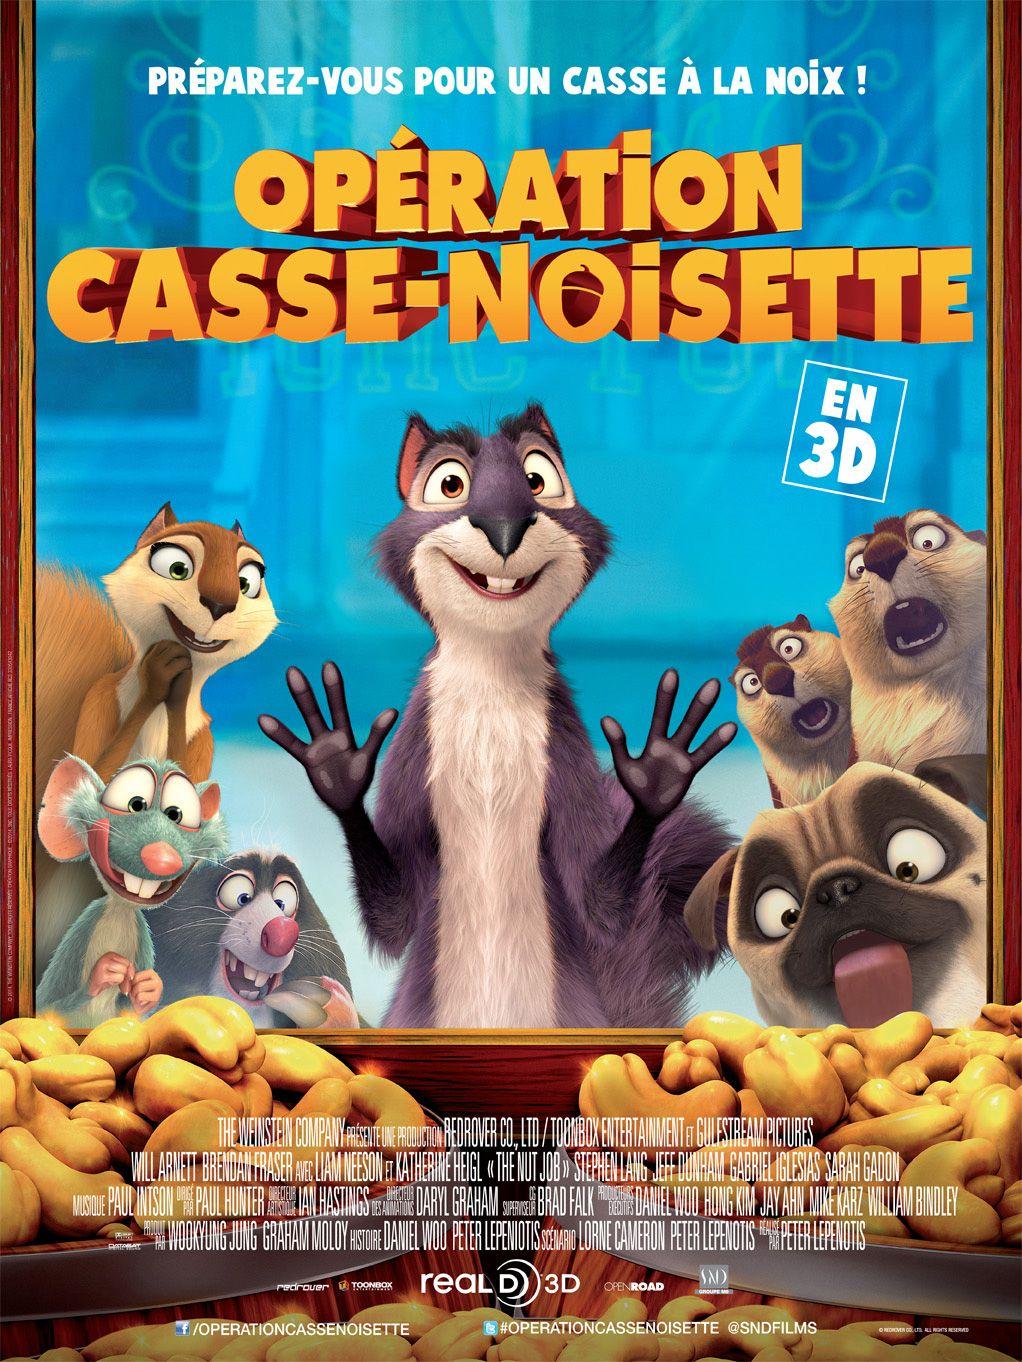 Mon Avis Sur Le Film D Animation Operation Casse Noisette Vraiment Decevant Il Porte Bien Son Nom Films Pour Enfants Casse Noisette Film